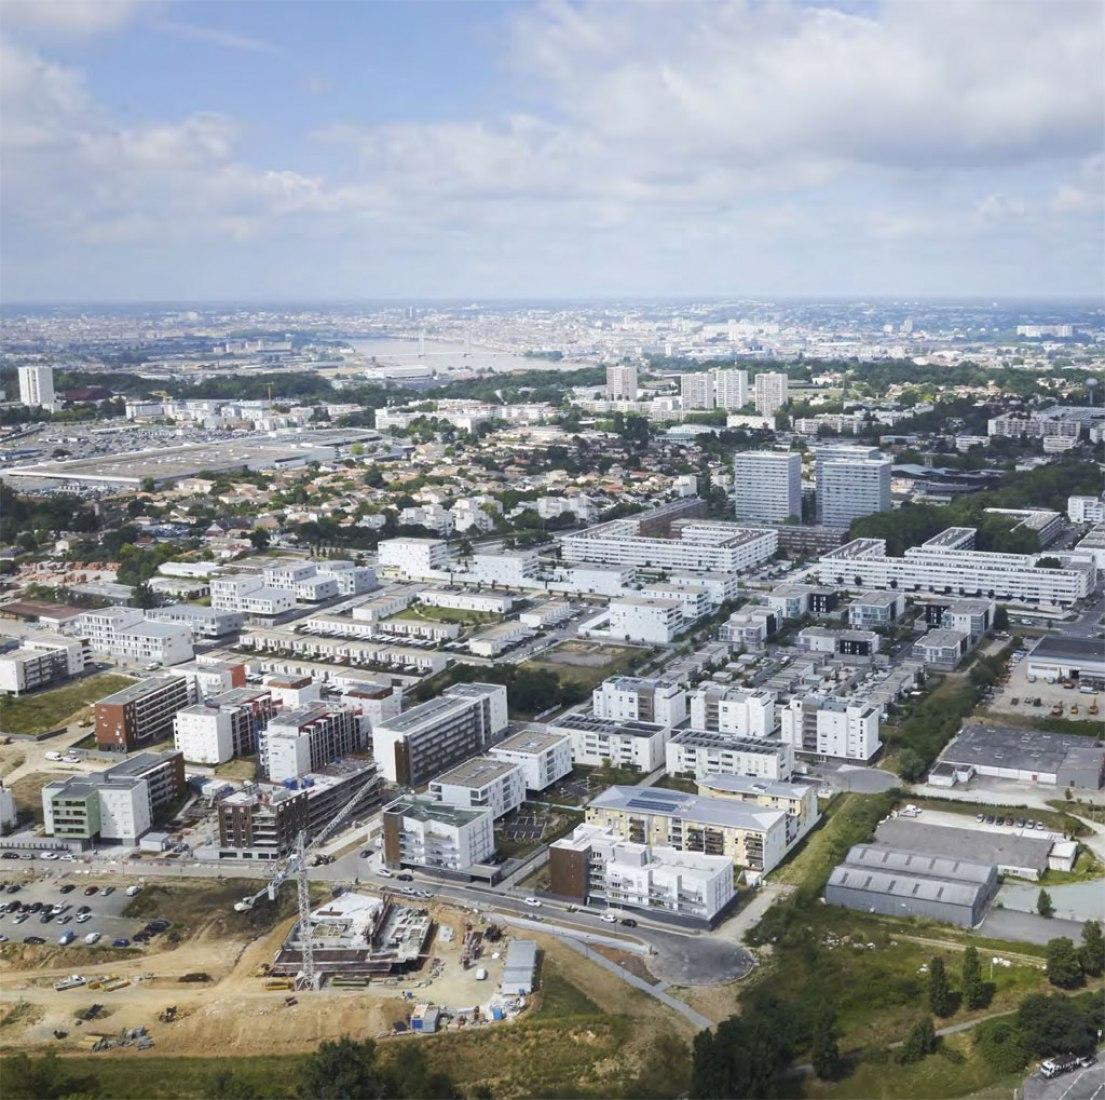 Vista general. Regeneración urbana de Lormont por LAN Architecture. Imagen cortesía de LAN Architecture.